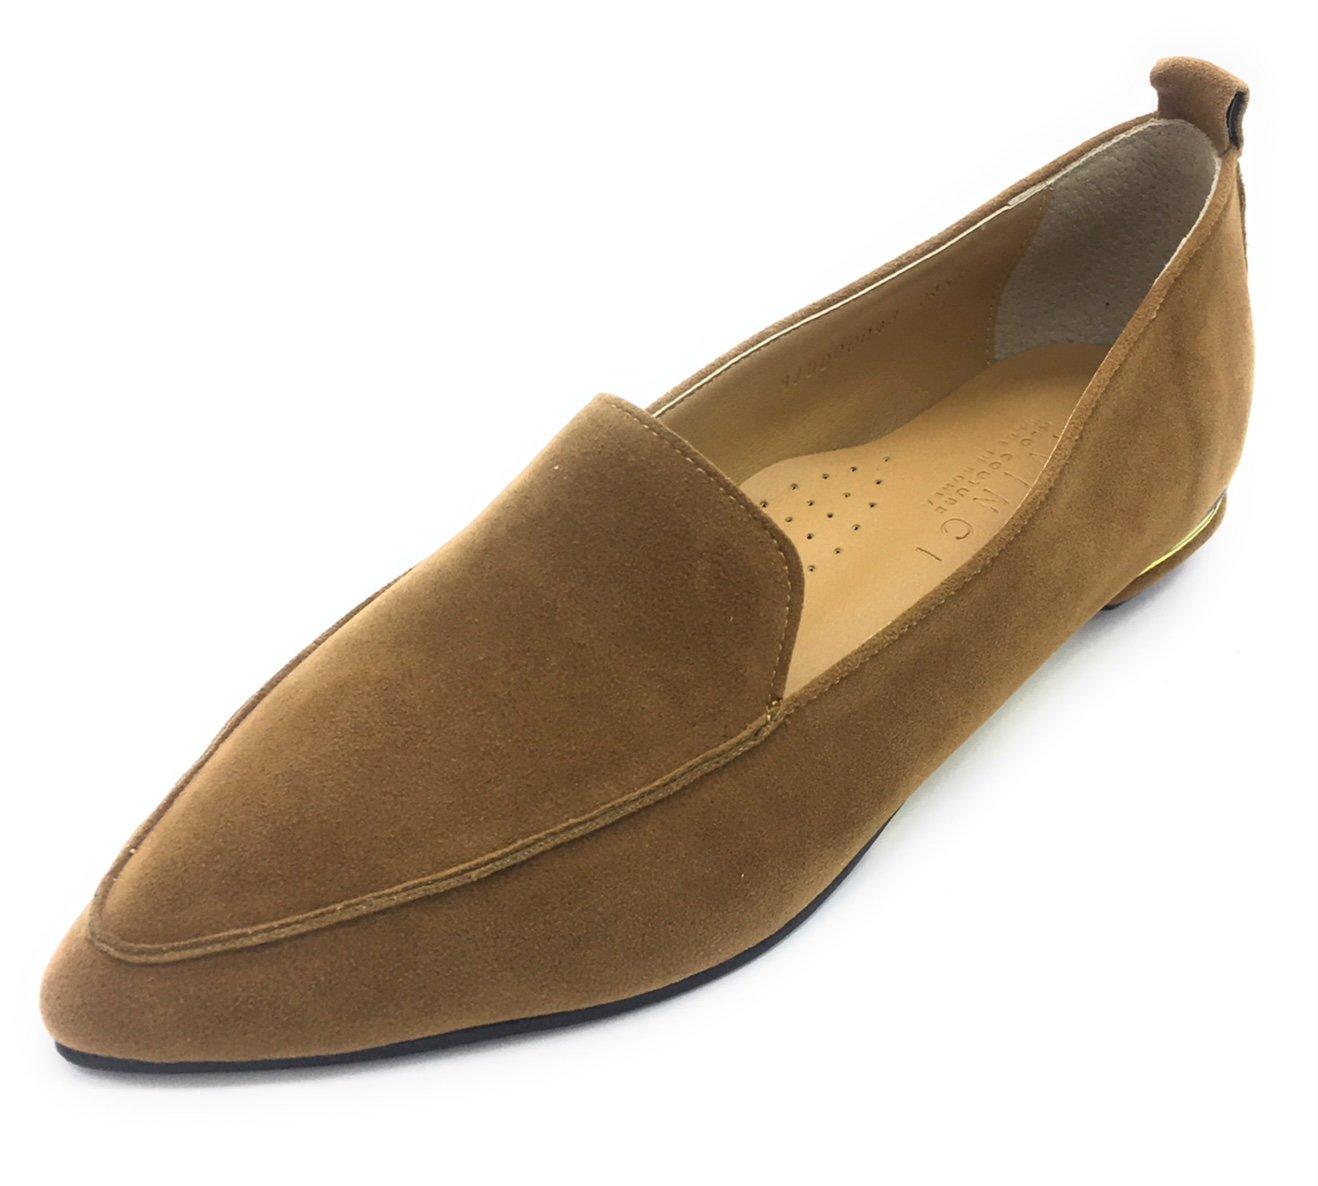 Davinci Women's Suede Loafter Heel B0772RP24W 8.5 B(M) US|Beige